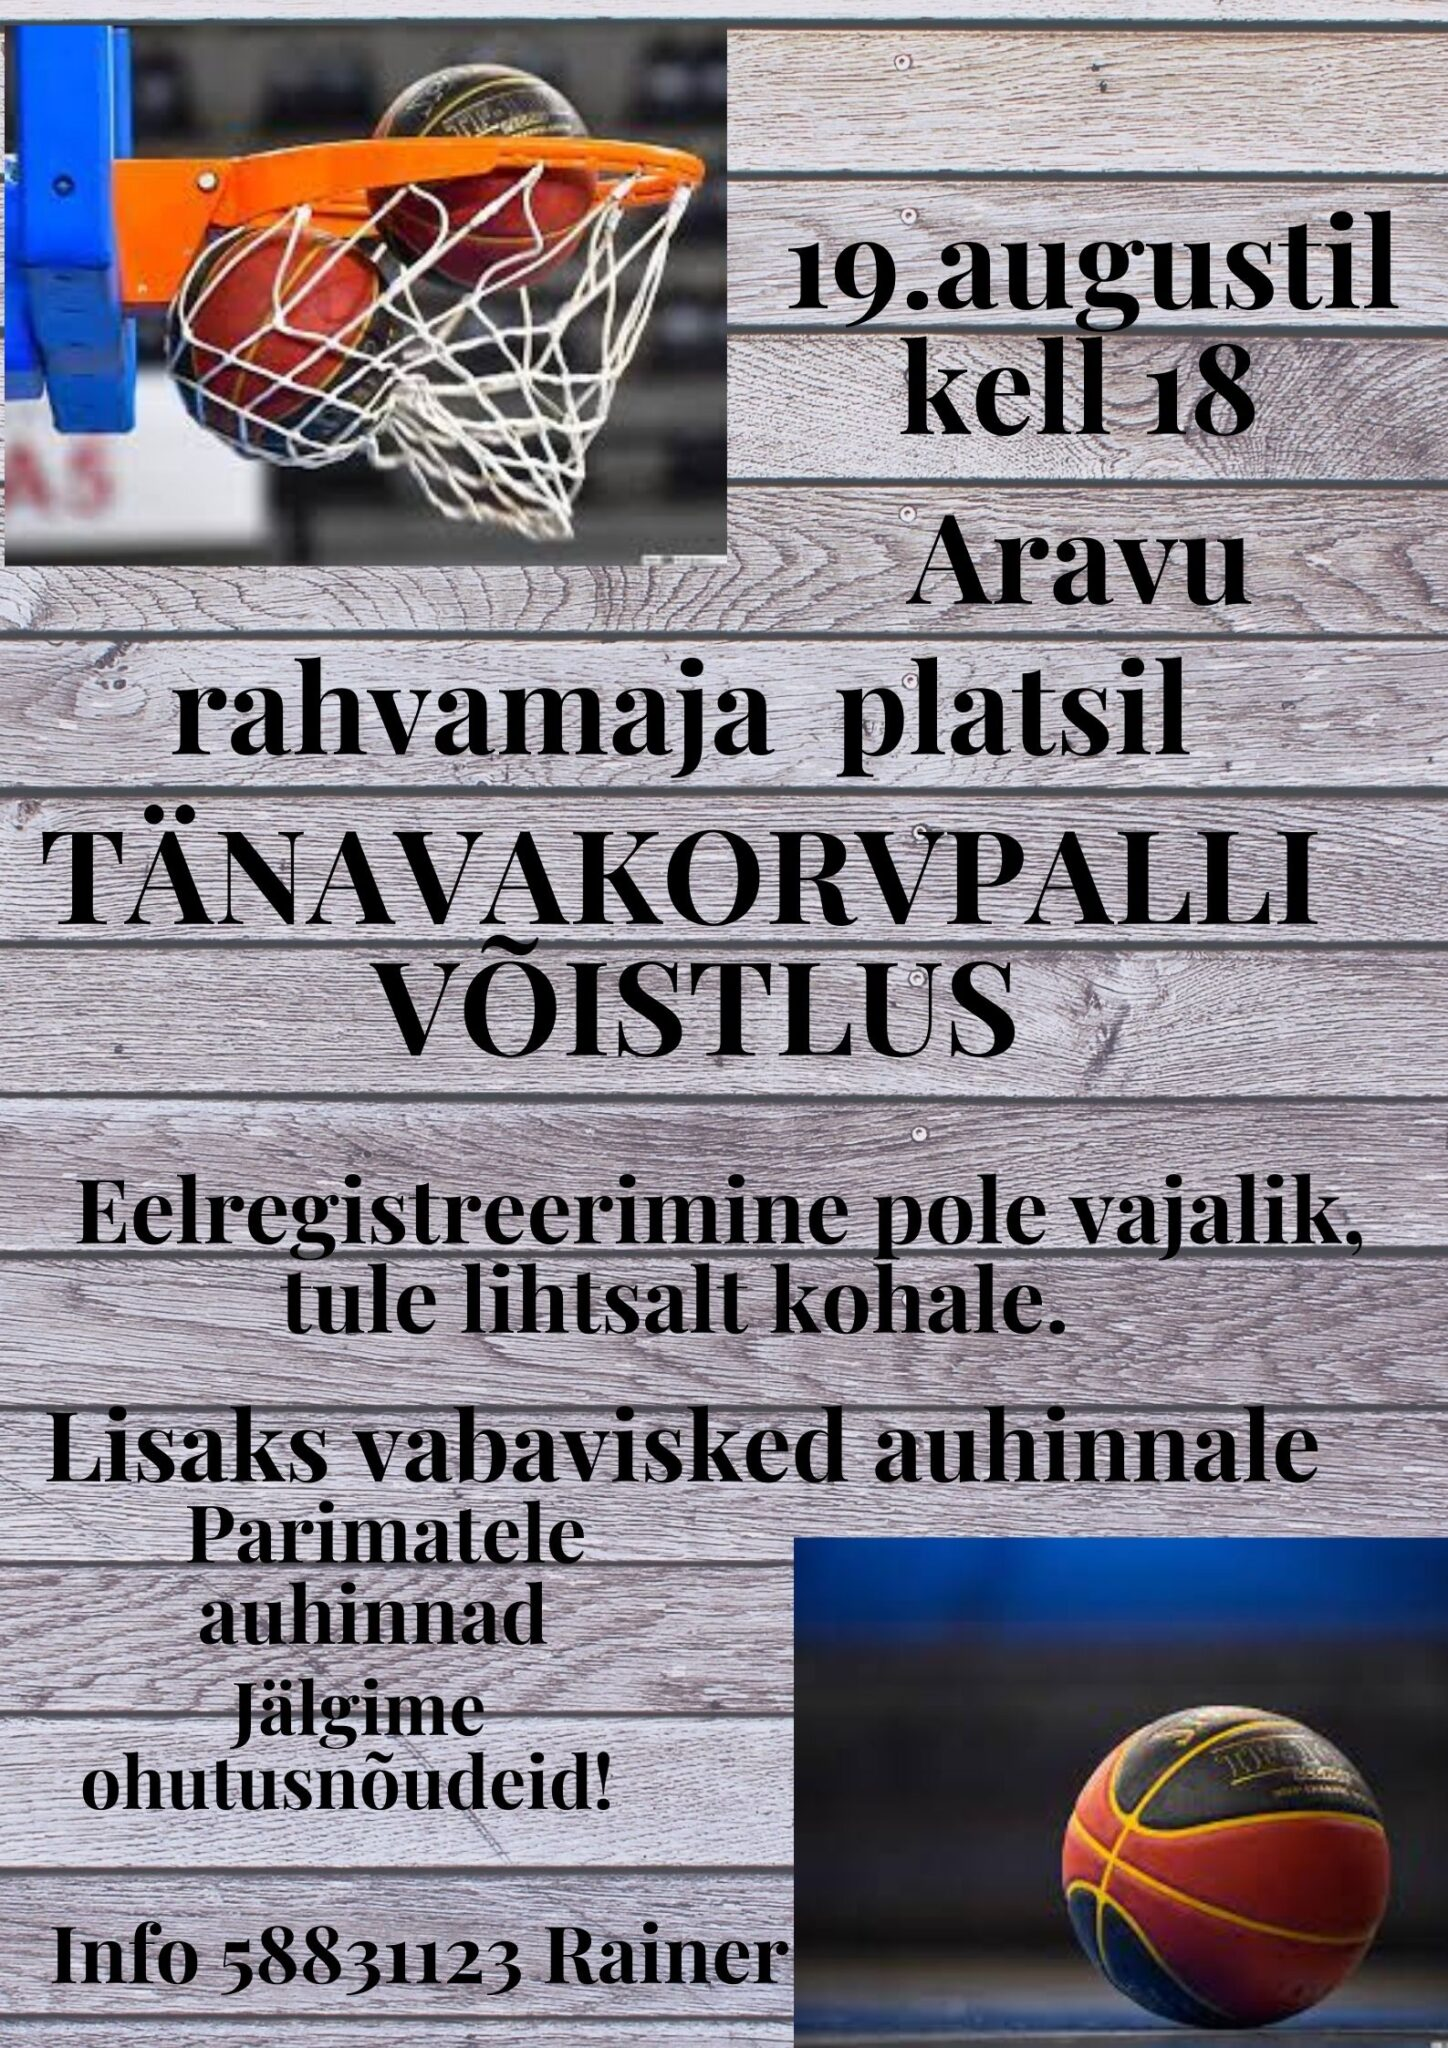 Tänavakorvpalli võistlus @ Aravu rahvamaja | Aravu | Tartu maakond | Eesti